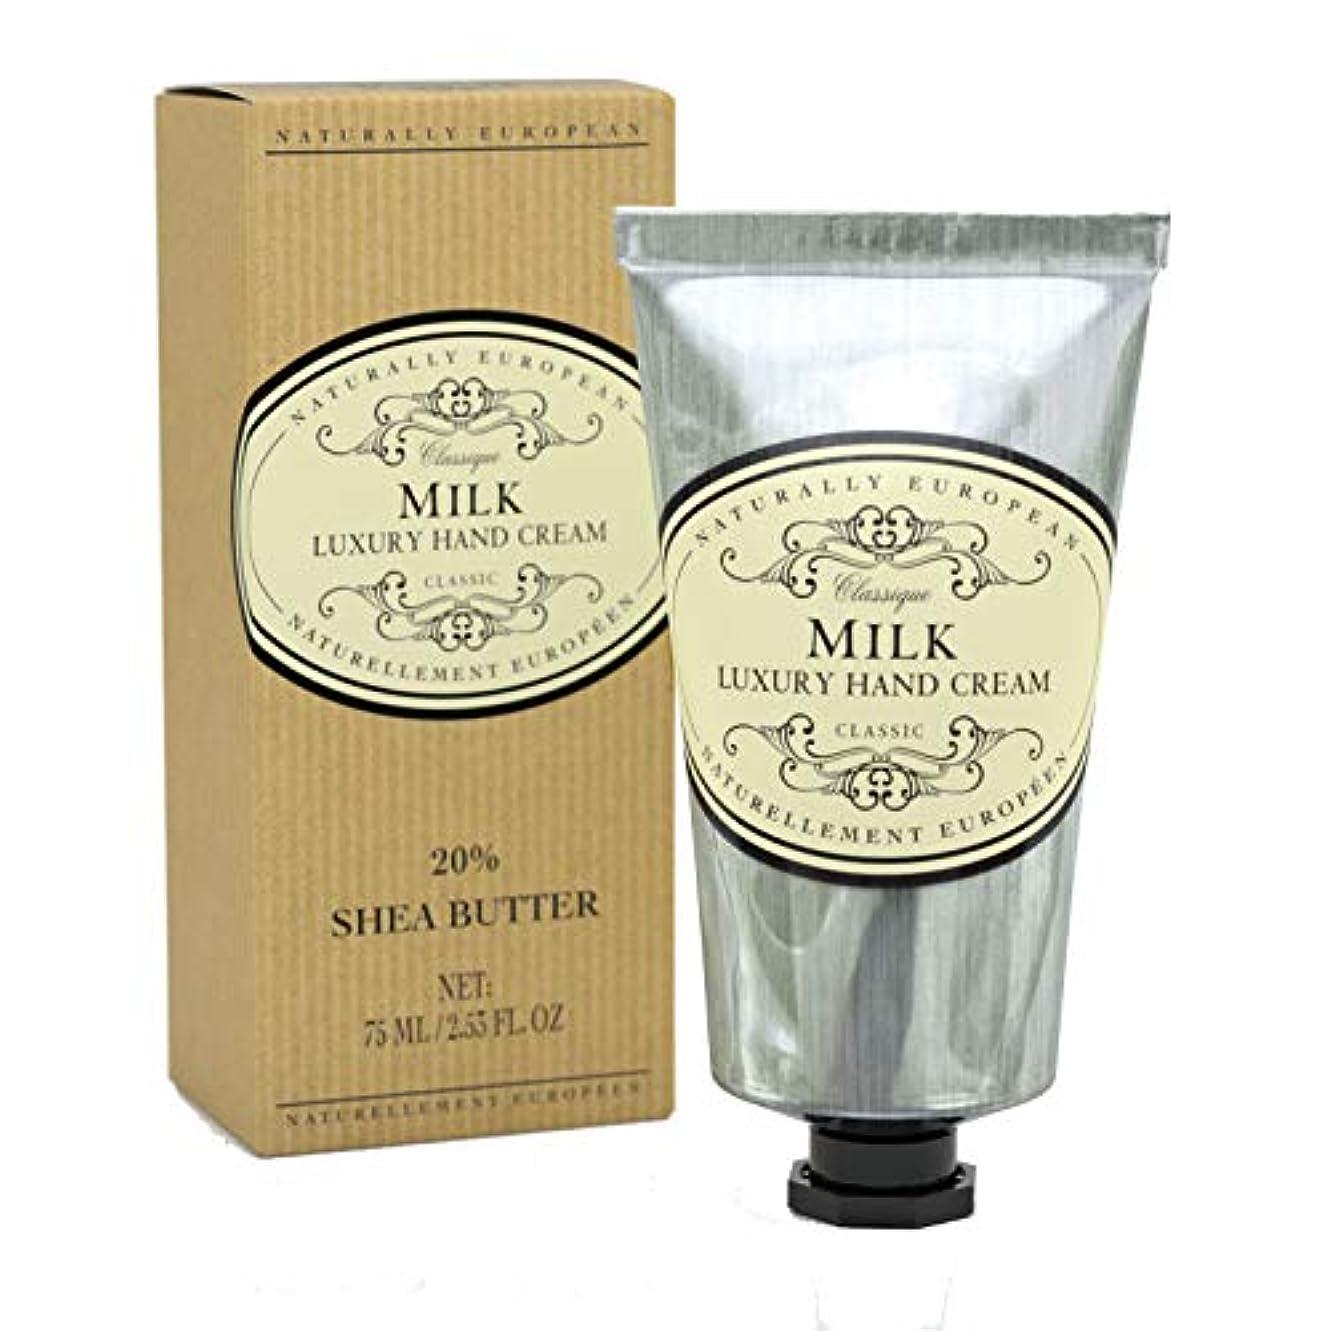 ハンディ動かすコンバーチブルNaturally European Milk Luxury Hand and Nail Cream 75ml